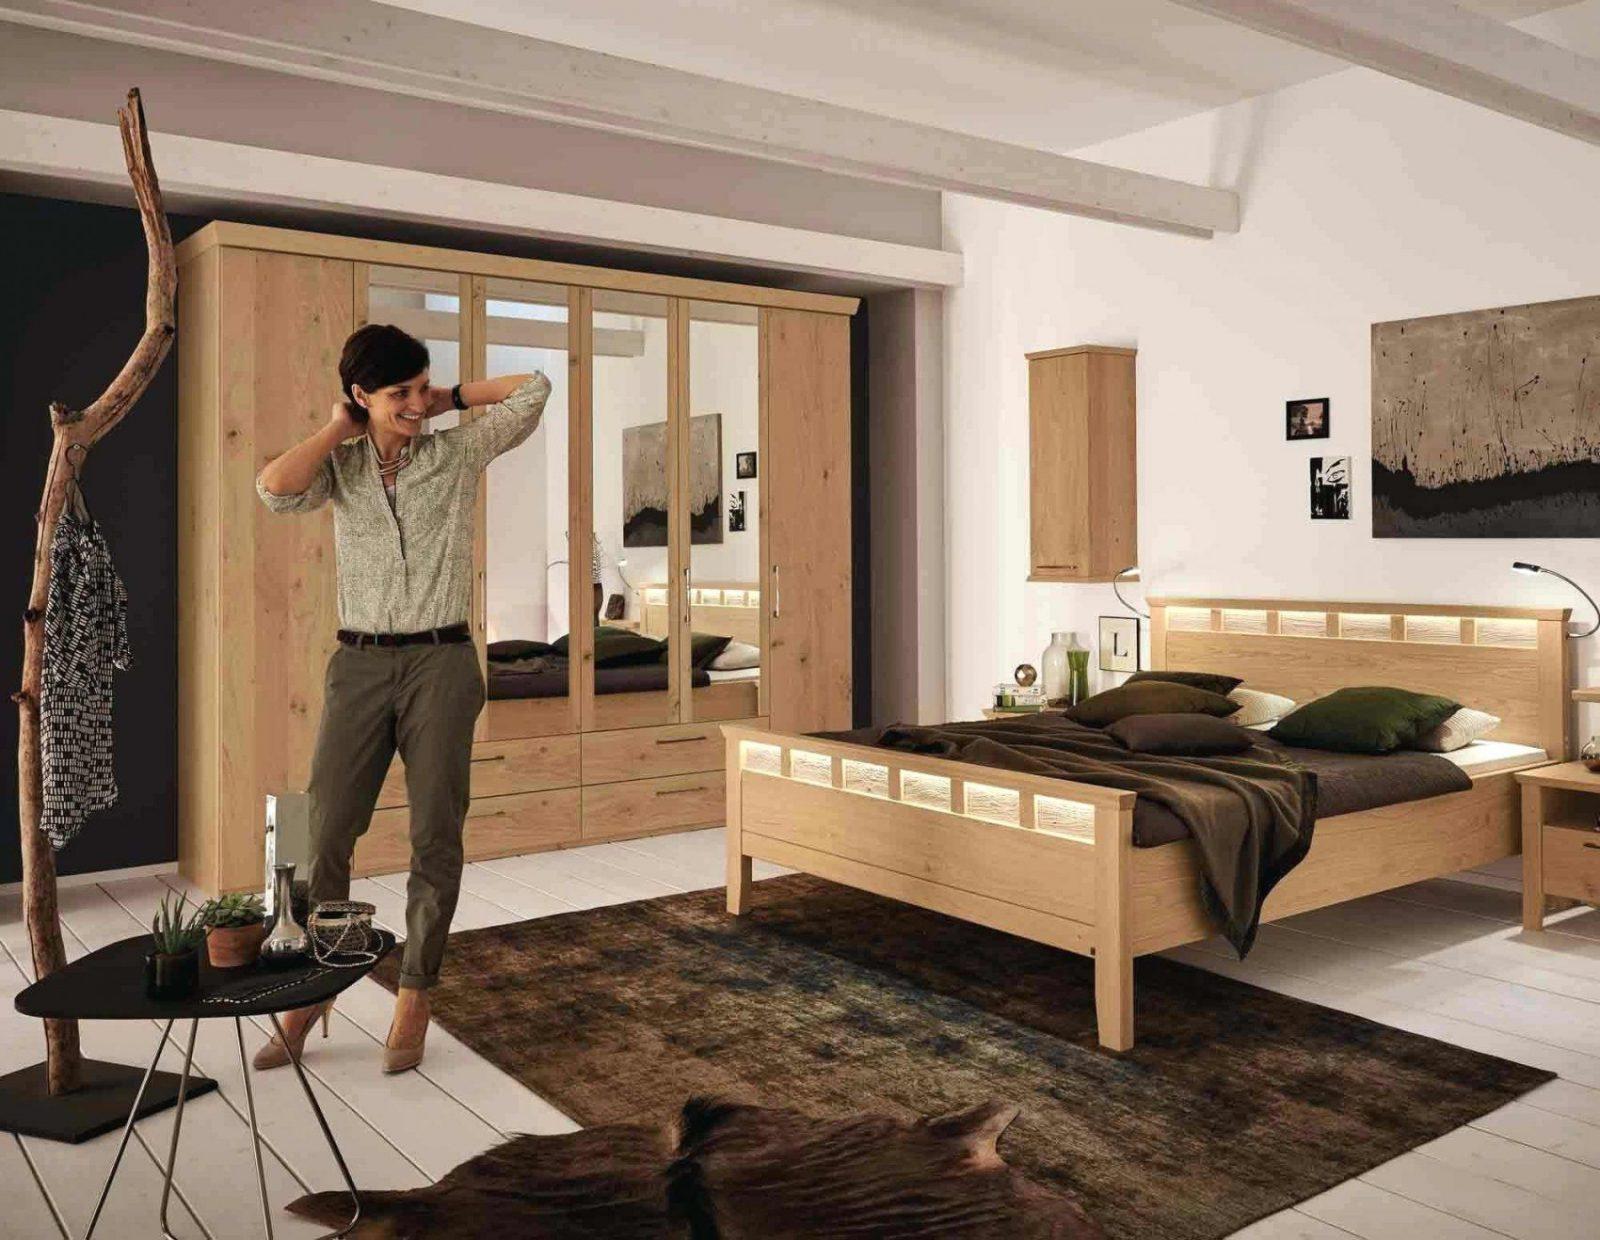 Wohnwand Mit Integriertem Bett von Wohnwand Mit Integriertem Bett Photo